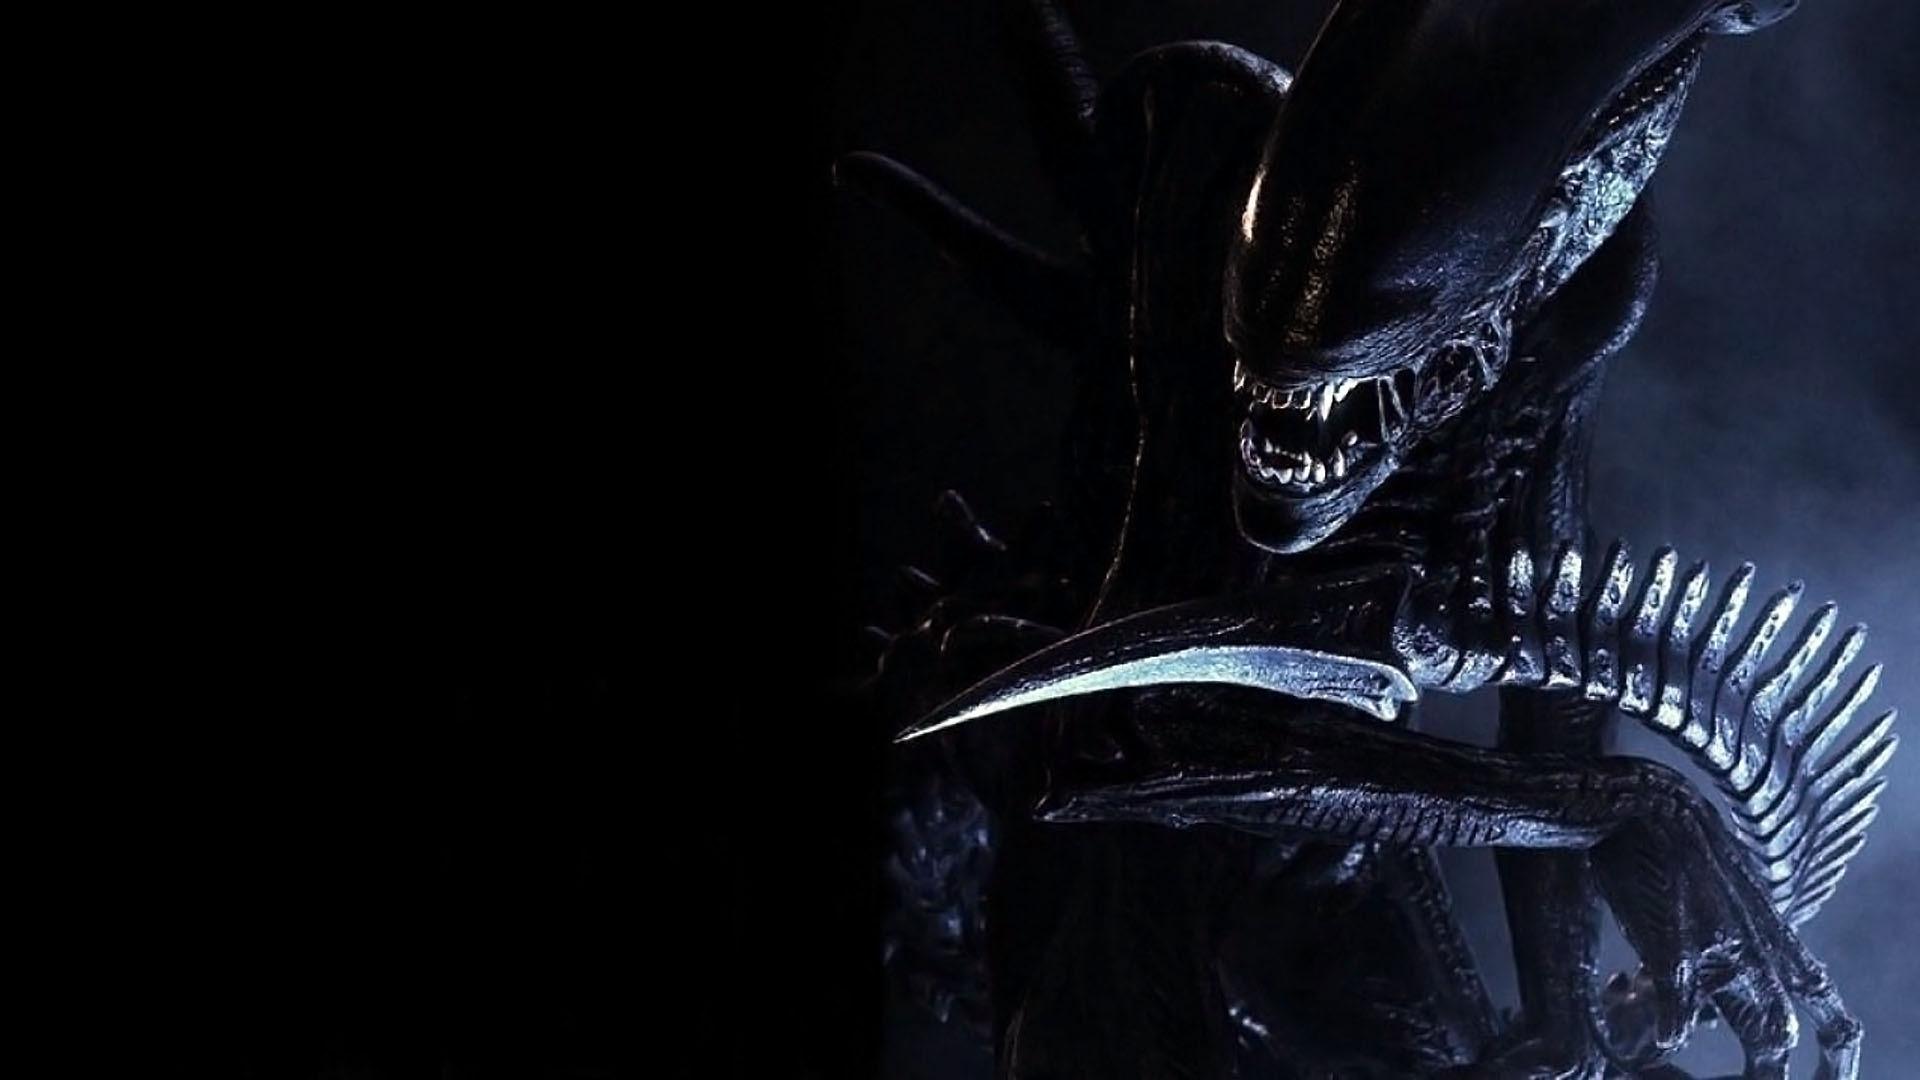 Alien Wallpaper HD 1920x1080